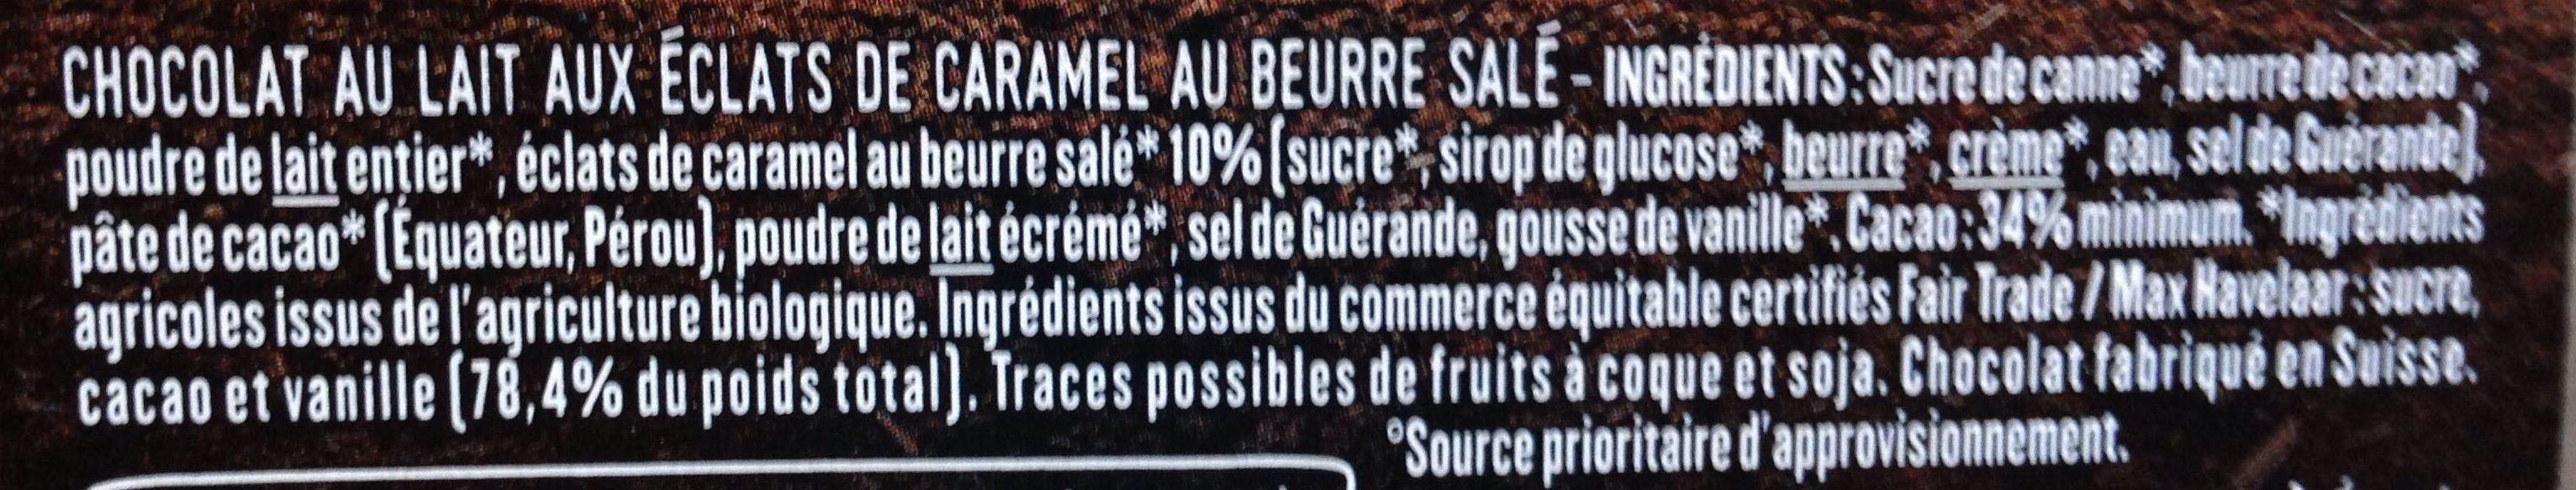 Lait caramel beurre salé - Ingrédients - fr